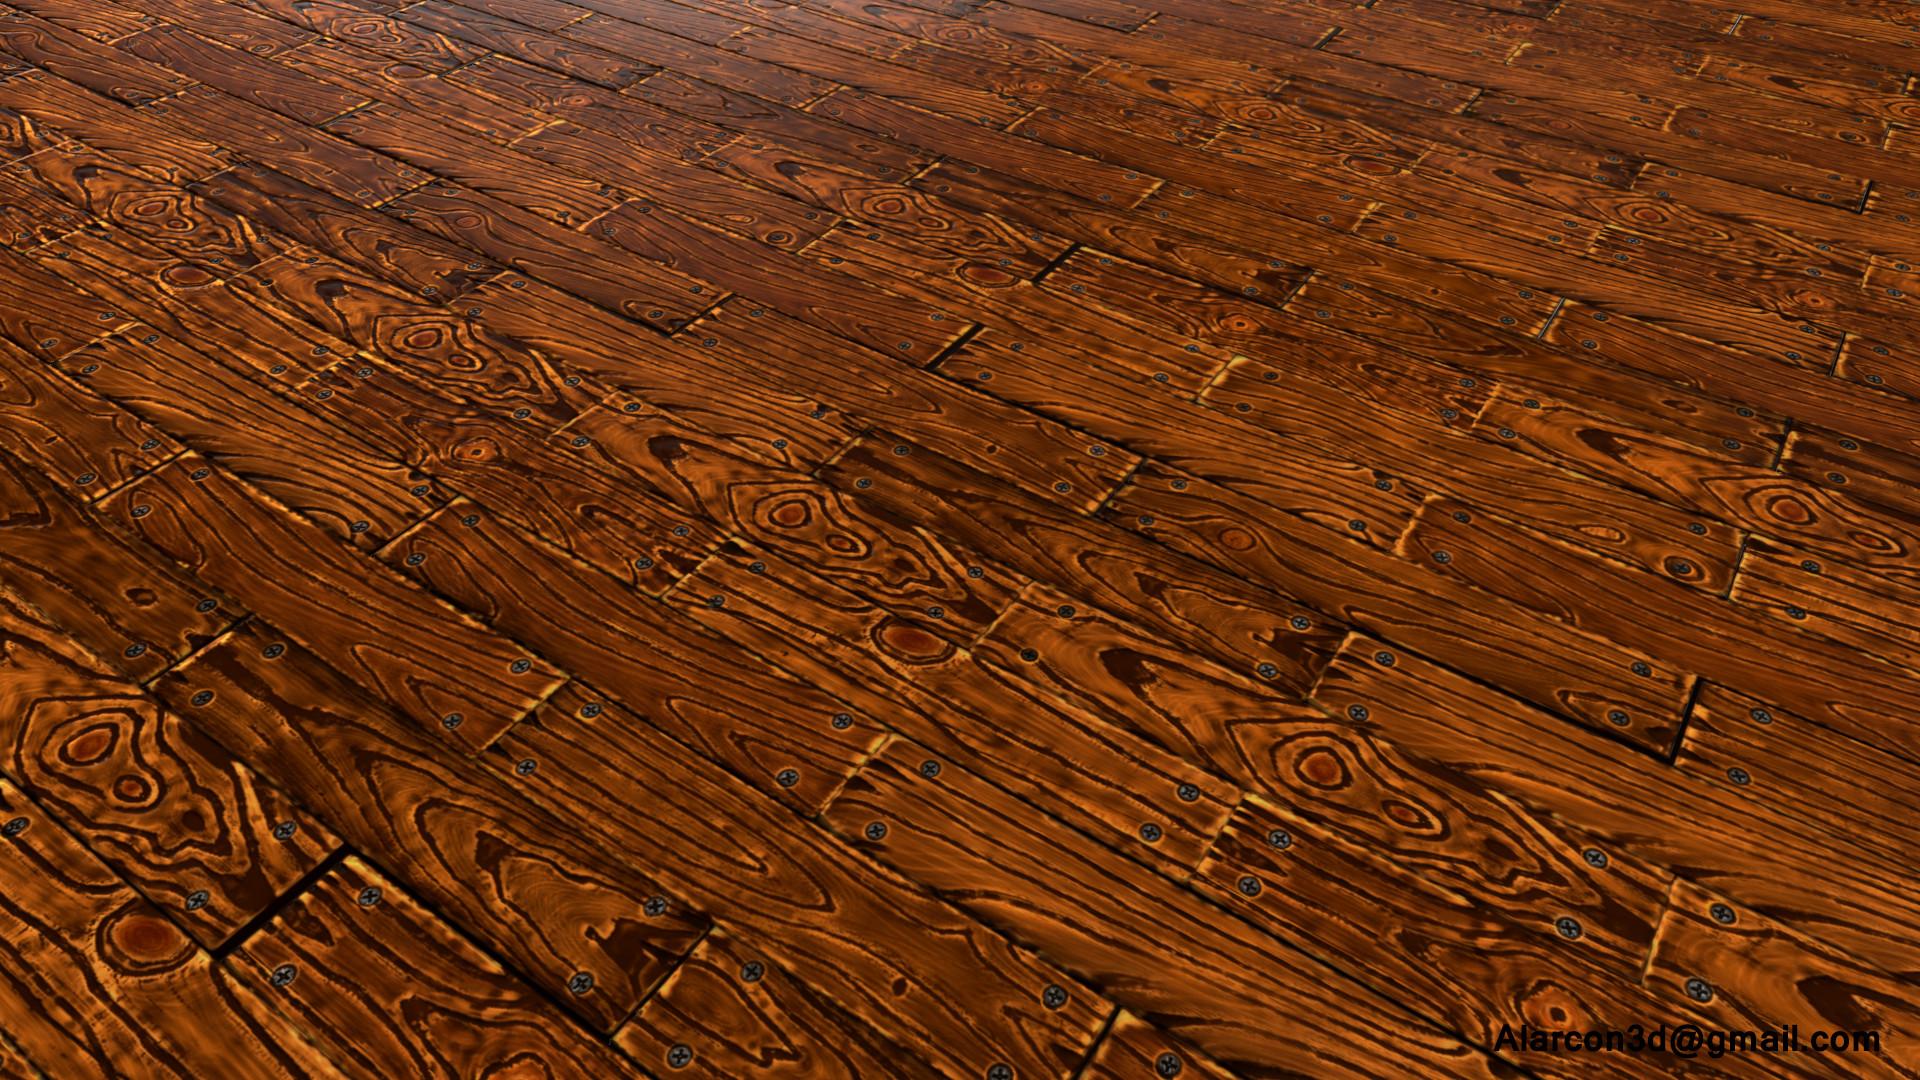 David alarcon wood tiel